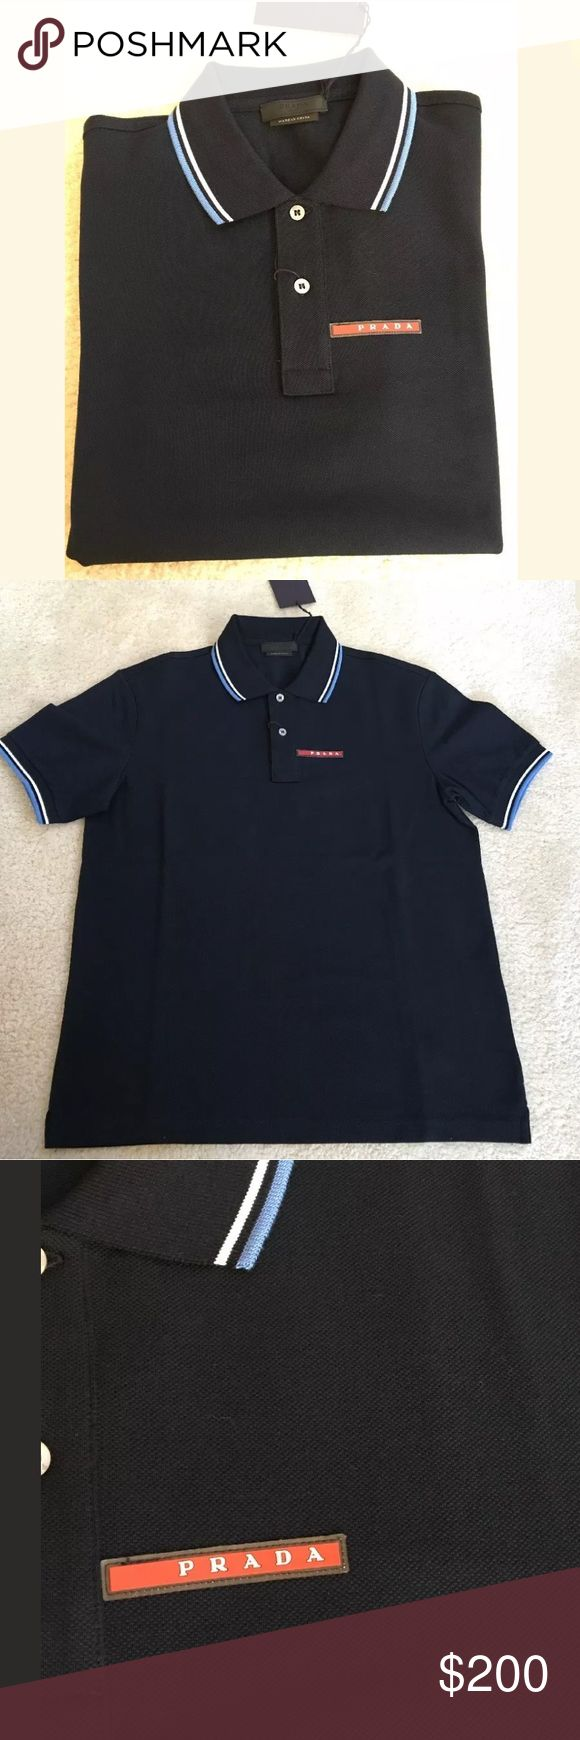 PRADA MEN'S BLUE COTTON POLO SHIRT XL PRADA MEN'S BLUE COTTON SIGNATURE STRIPE POLO SHIRT    100% authentic. Retail price $295.00    Size: XL Prada Shirts Polos